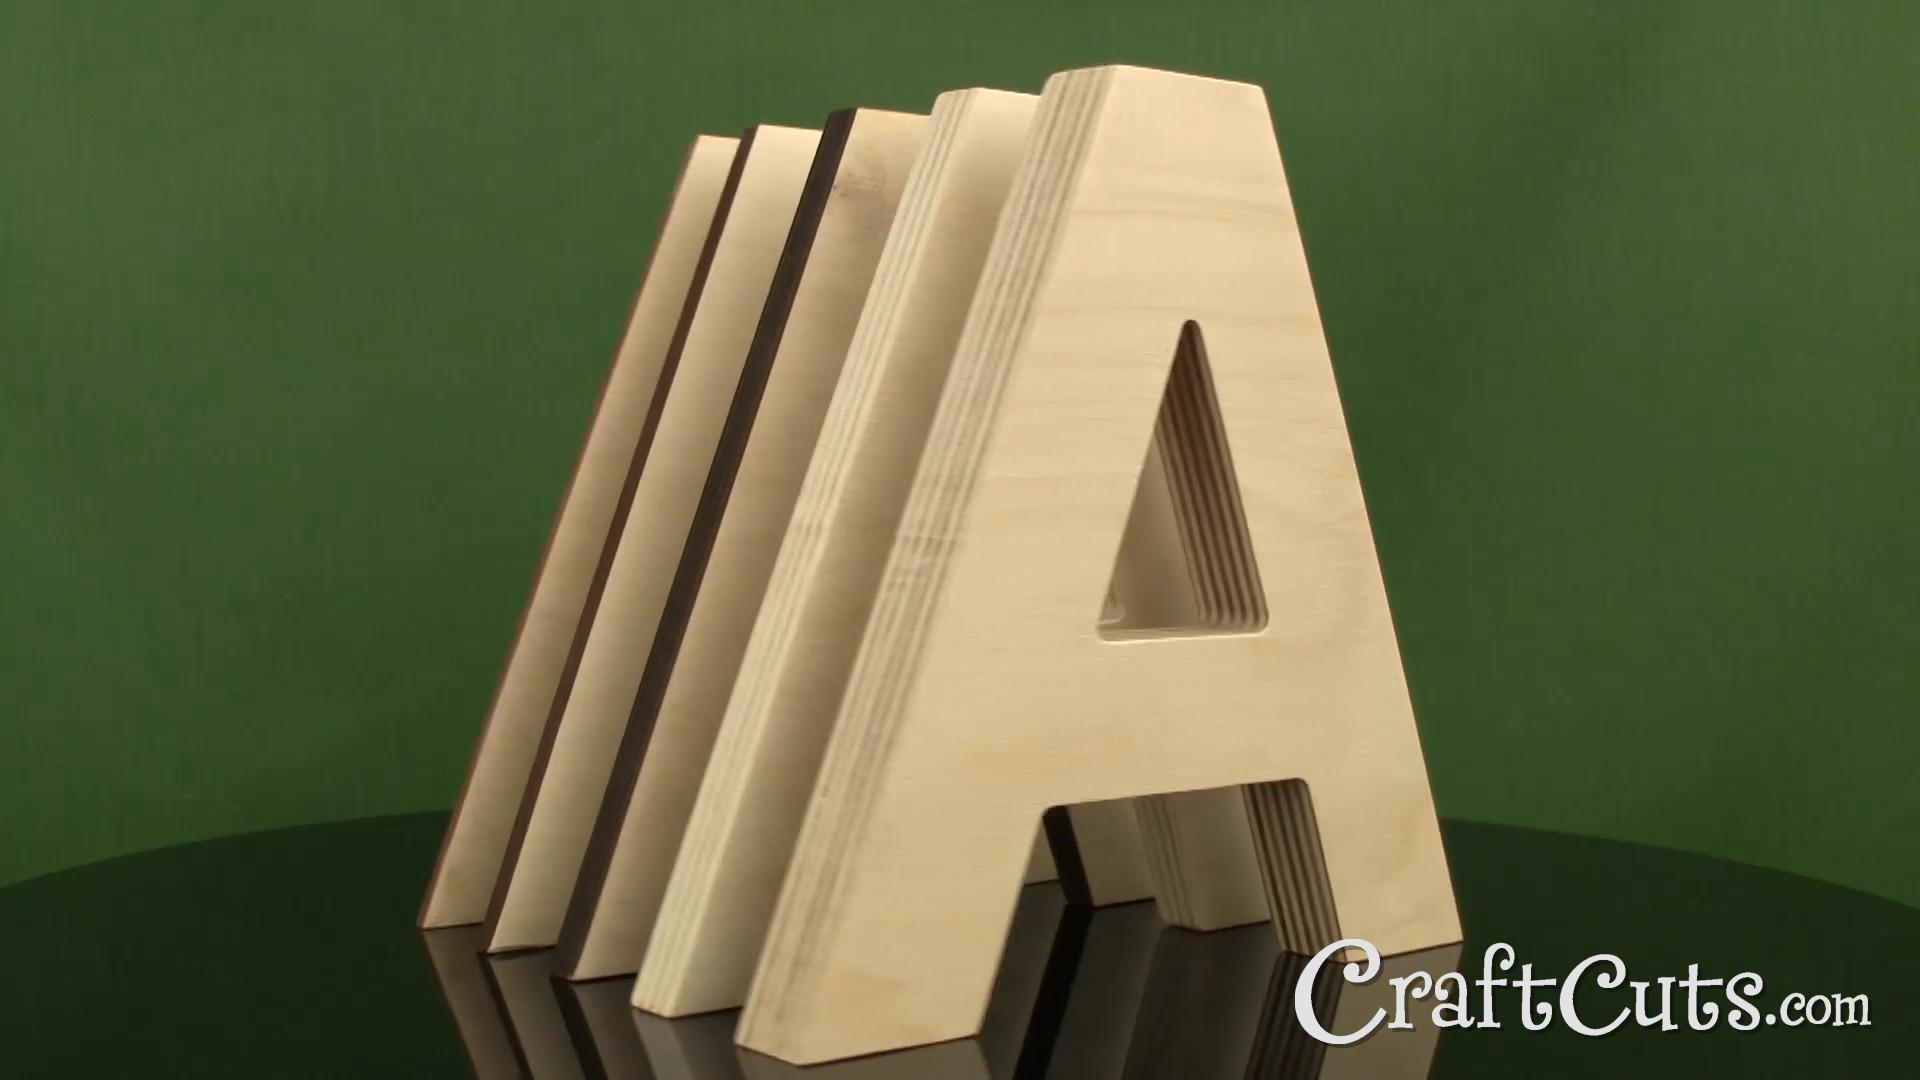 Script Wood Letters - Cursive Wood Letters | Craftcuts.com